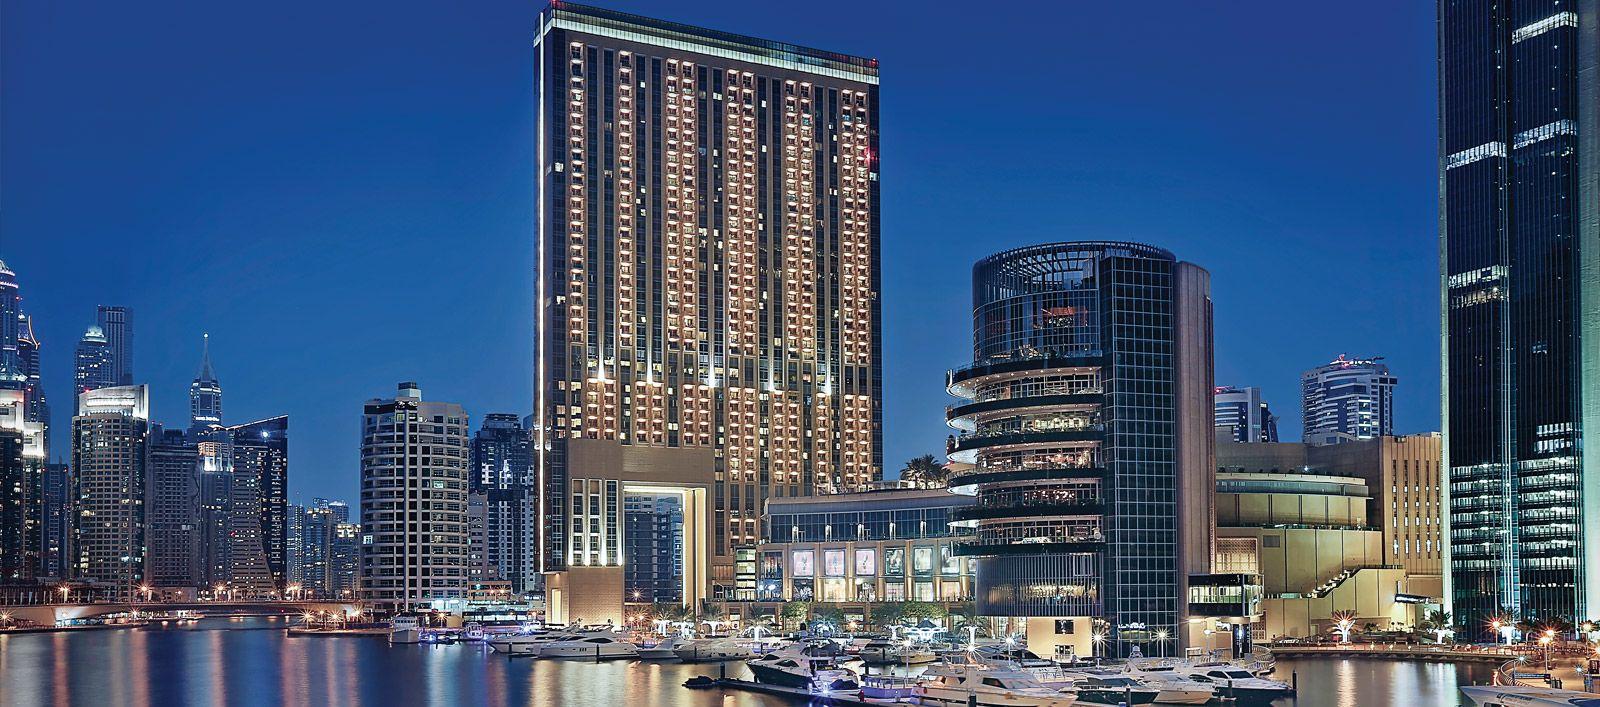 Dubai Tours & excursion www.tourtodubai.ae Booking